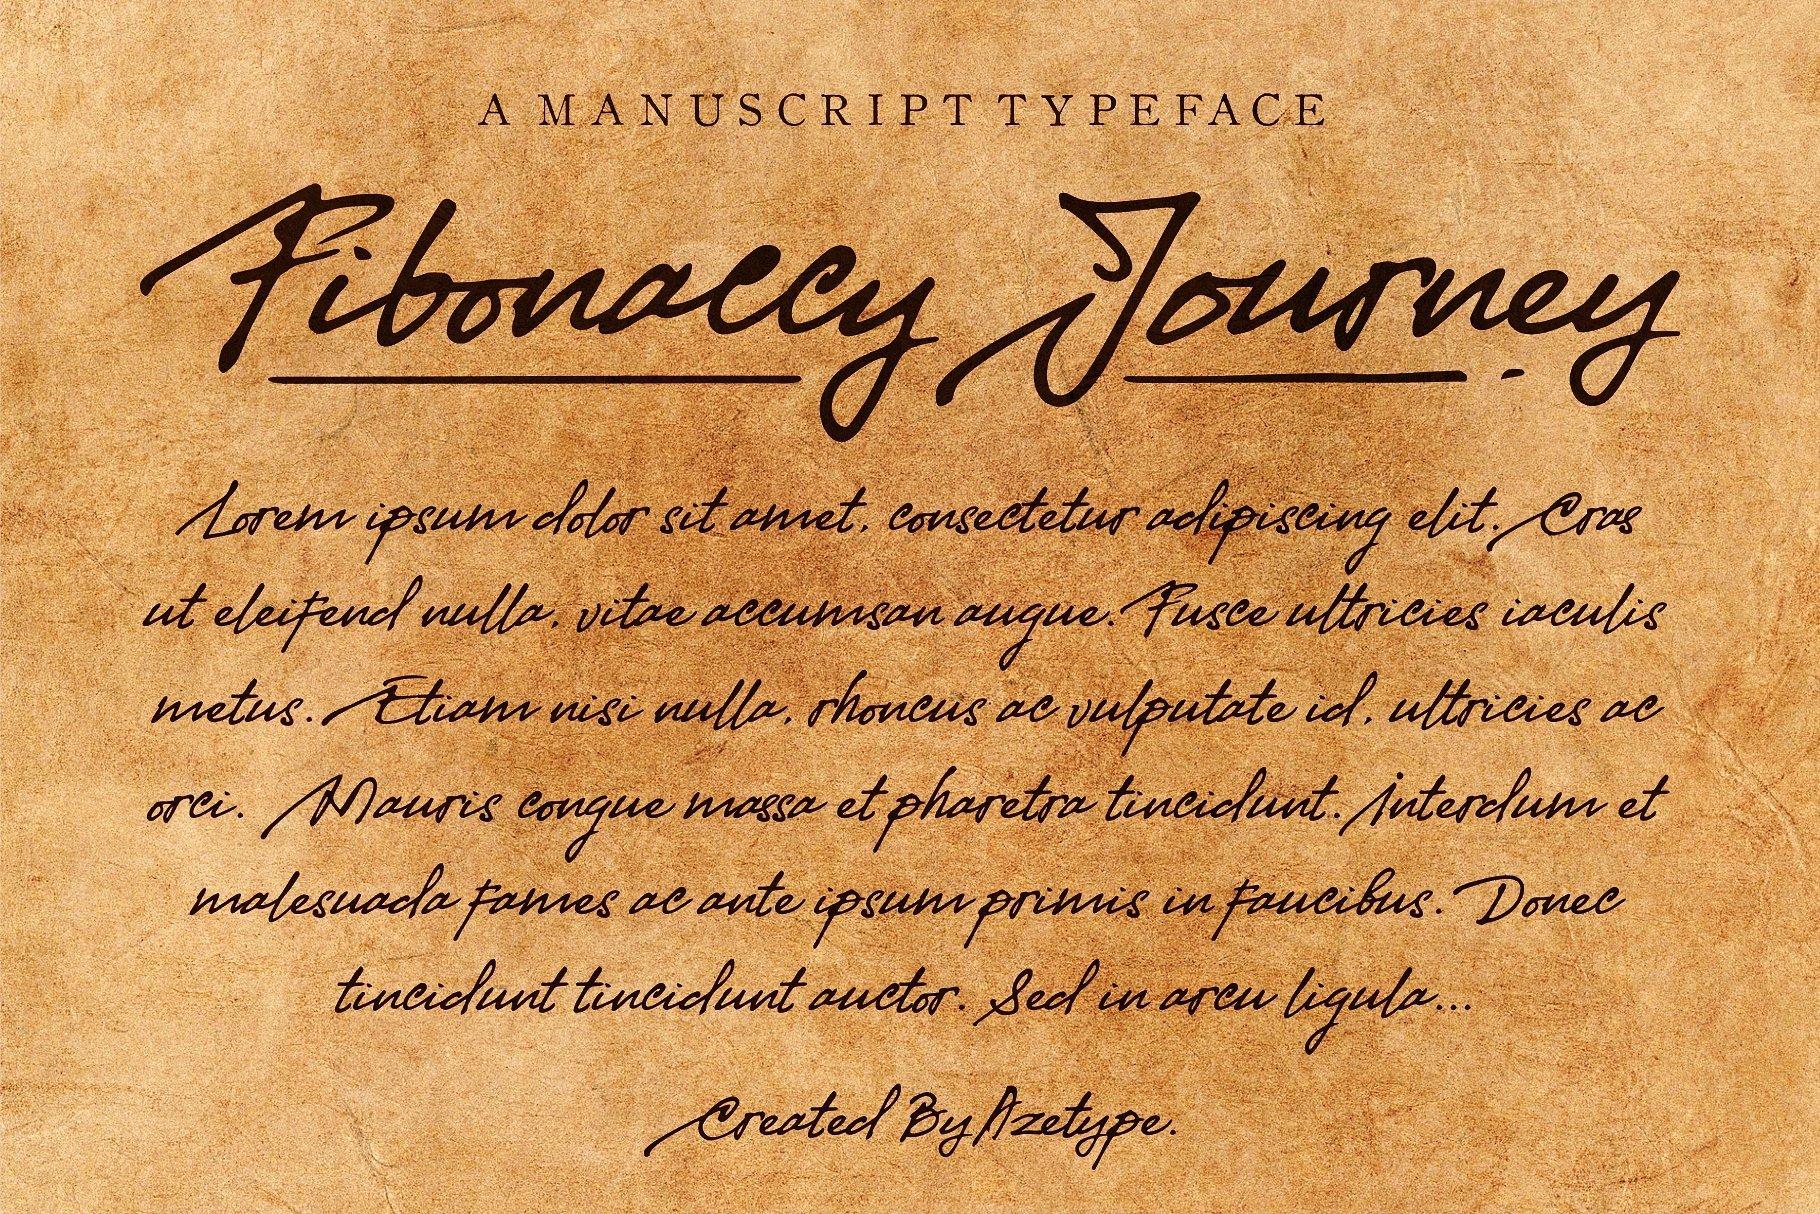 fibonaccy-journey-script-font-1